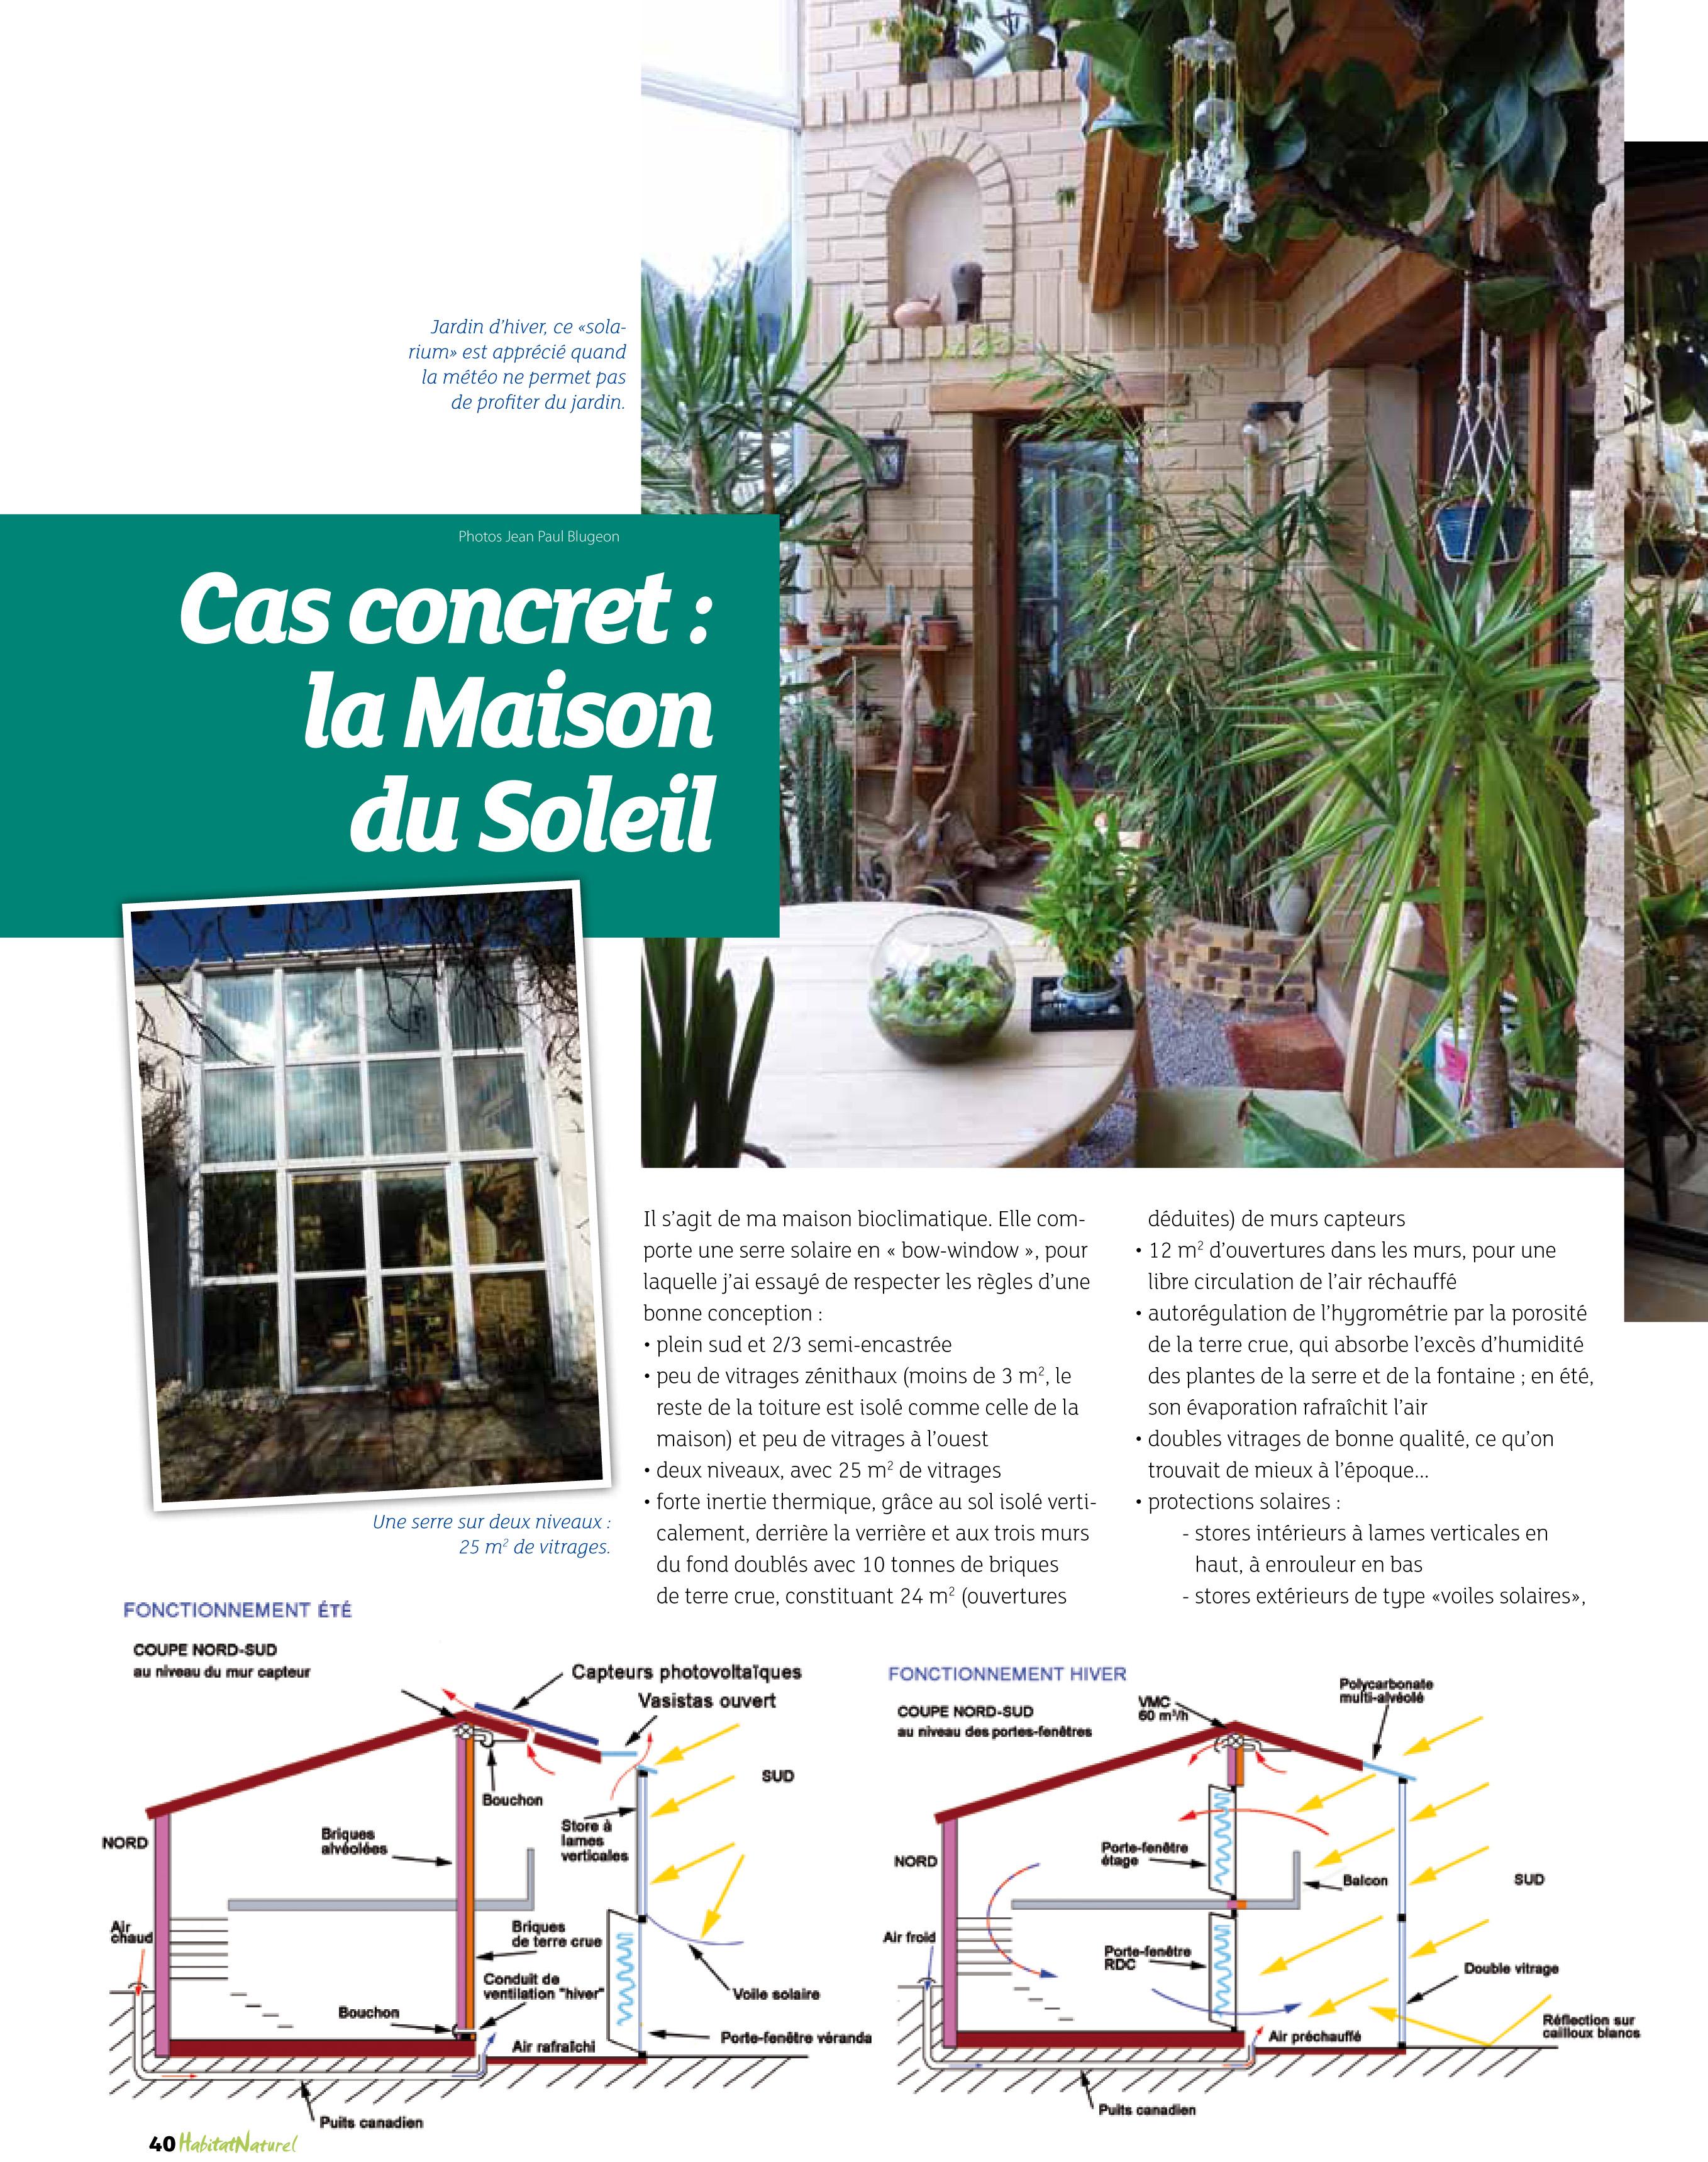 Super Une serre bioclimatique pour chauffer la maison bulle ! | DK-09